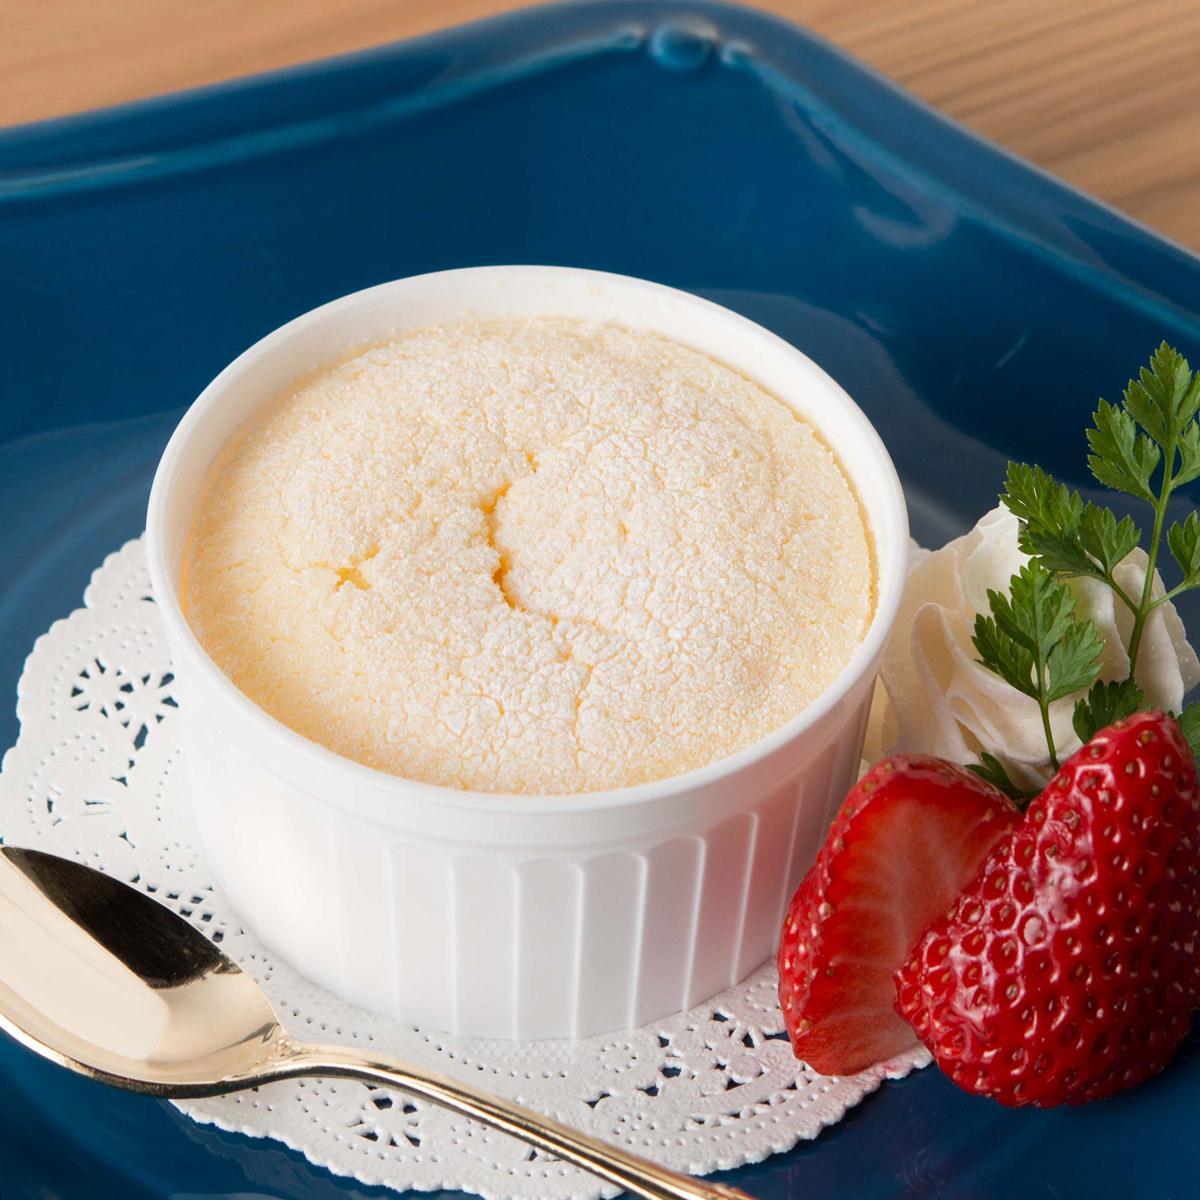 高知アイス 濃厚卵のひんやりふわっとチーズスフレ 雪どけフロマージュ〔10個入〕